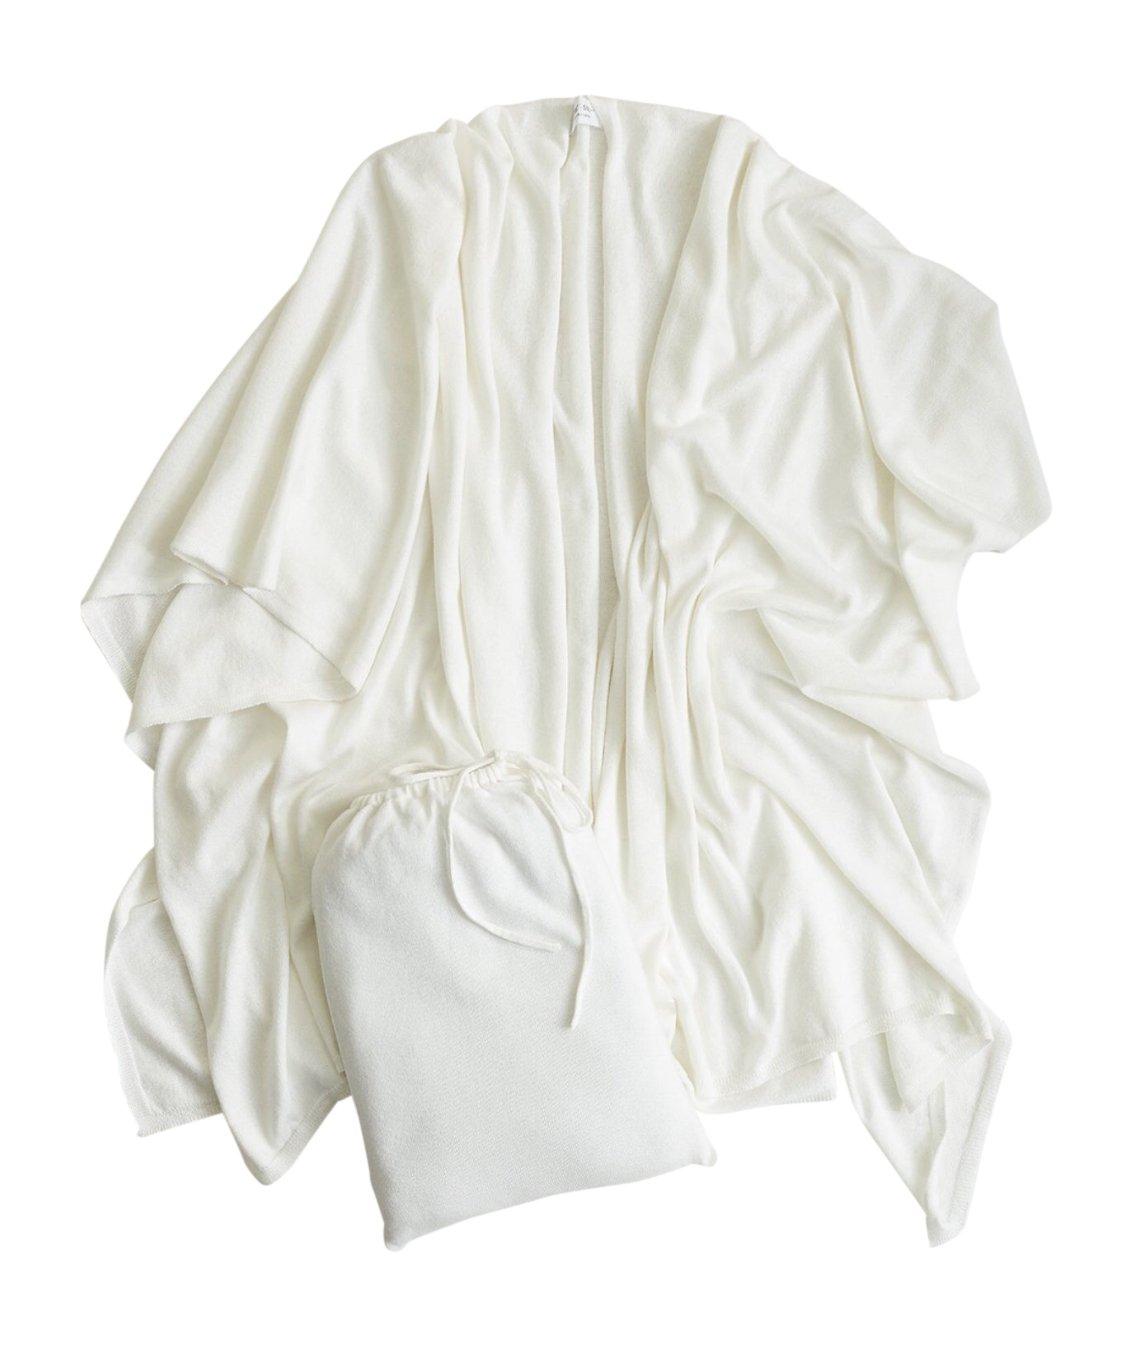 Mer Sea Cotton Cashmere Travel Wrap (White)